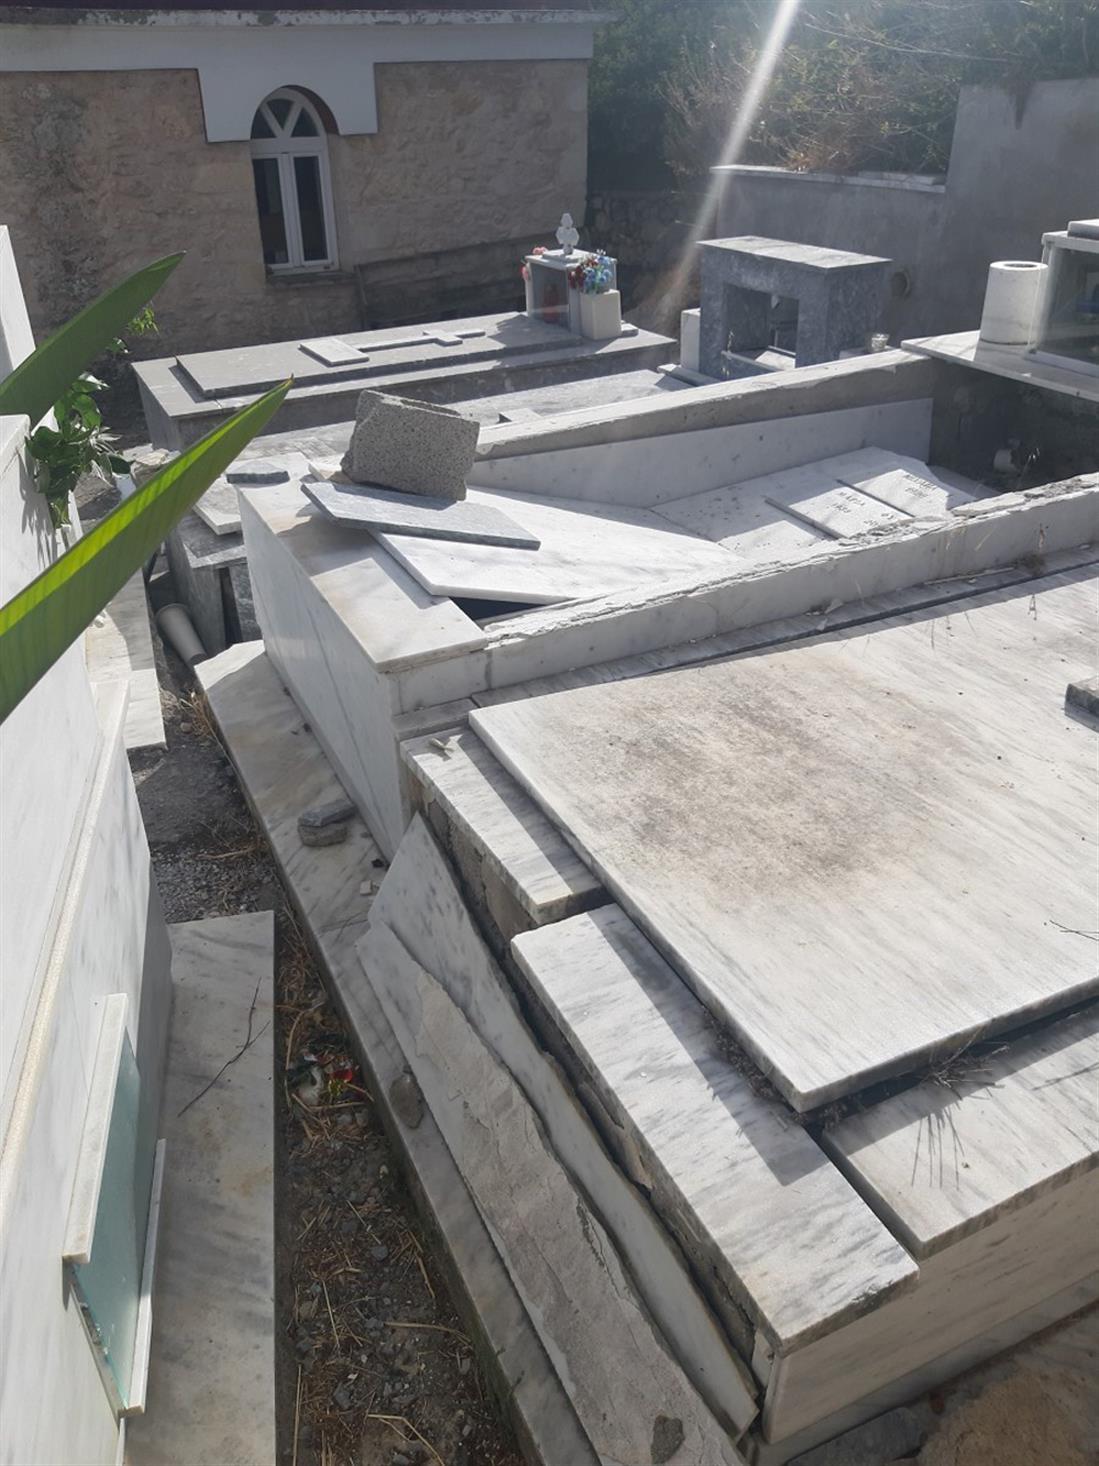 κοιμητήριο - Δήμος Μινώα Πεδιάδος - σεισμός - ζημιές